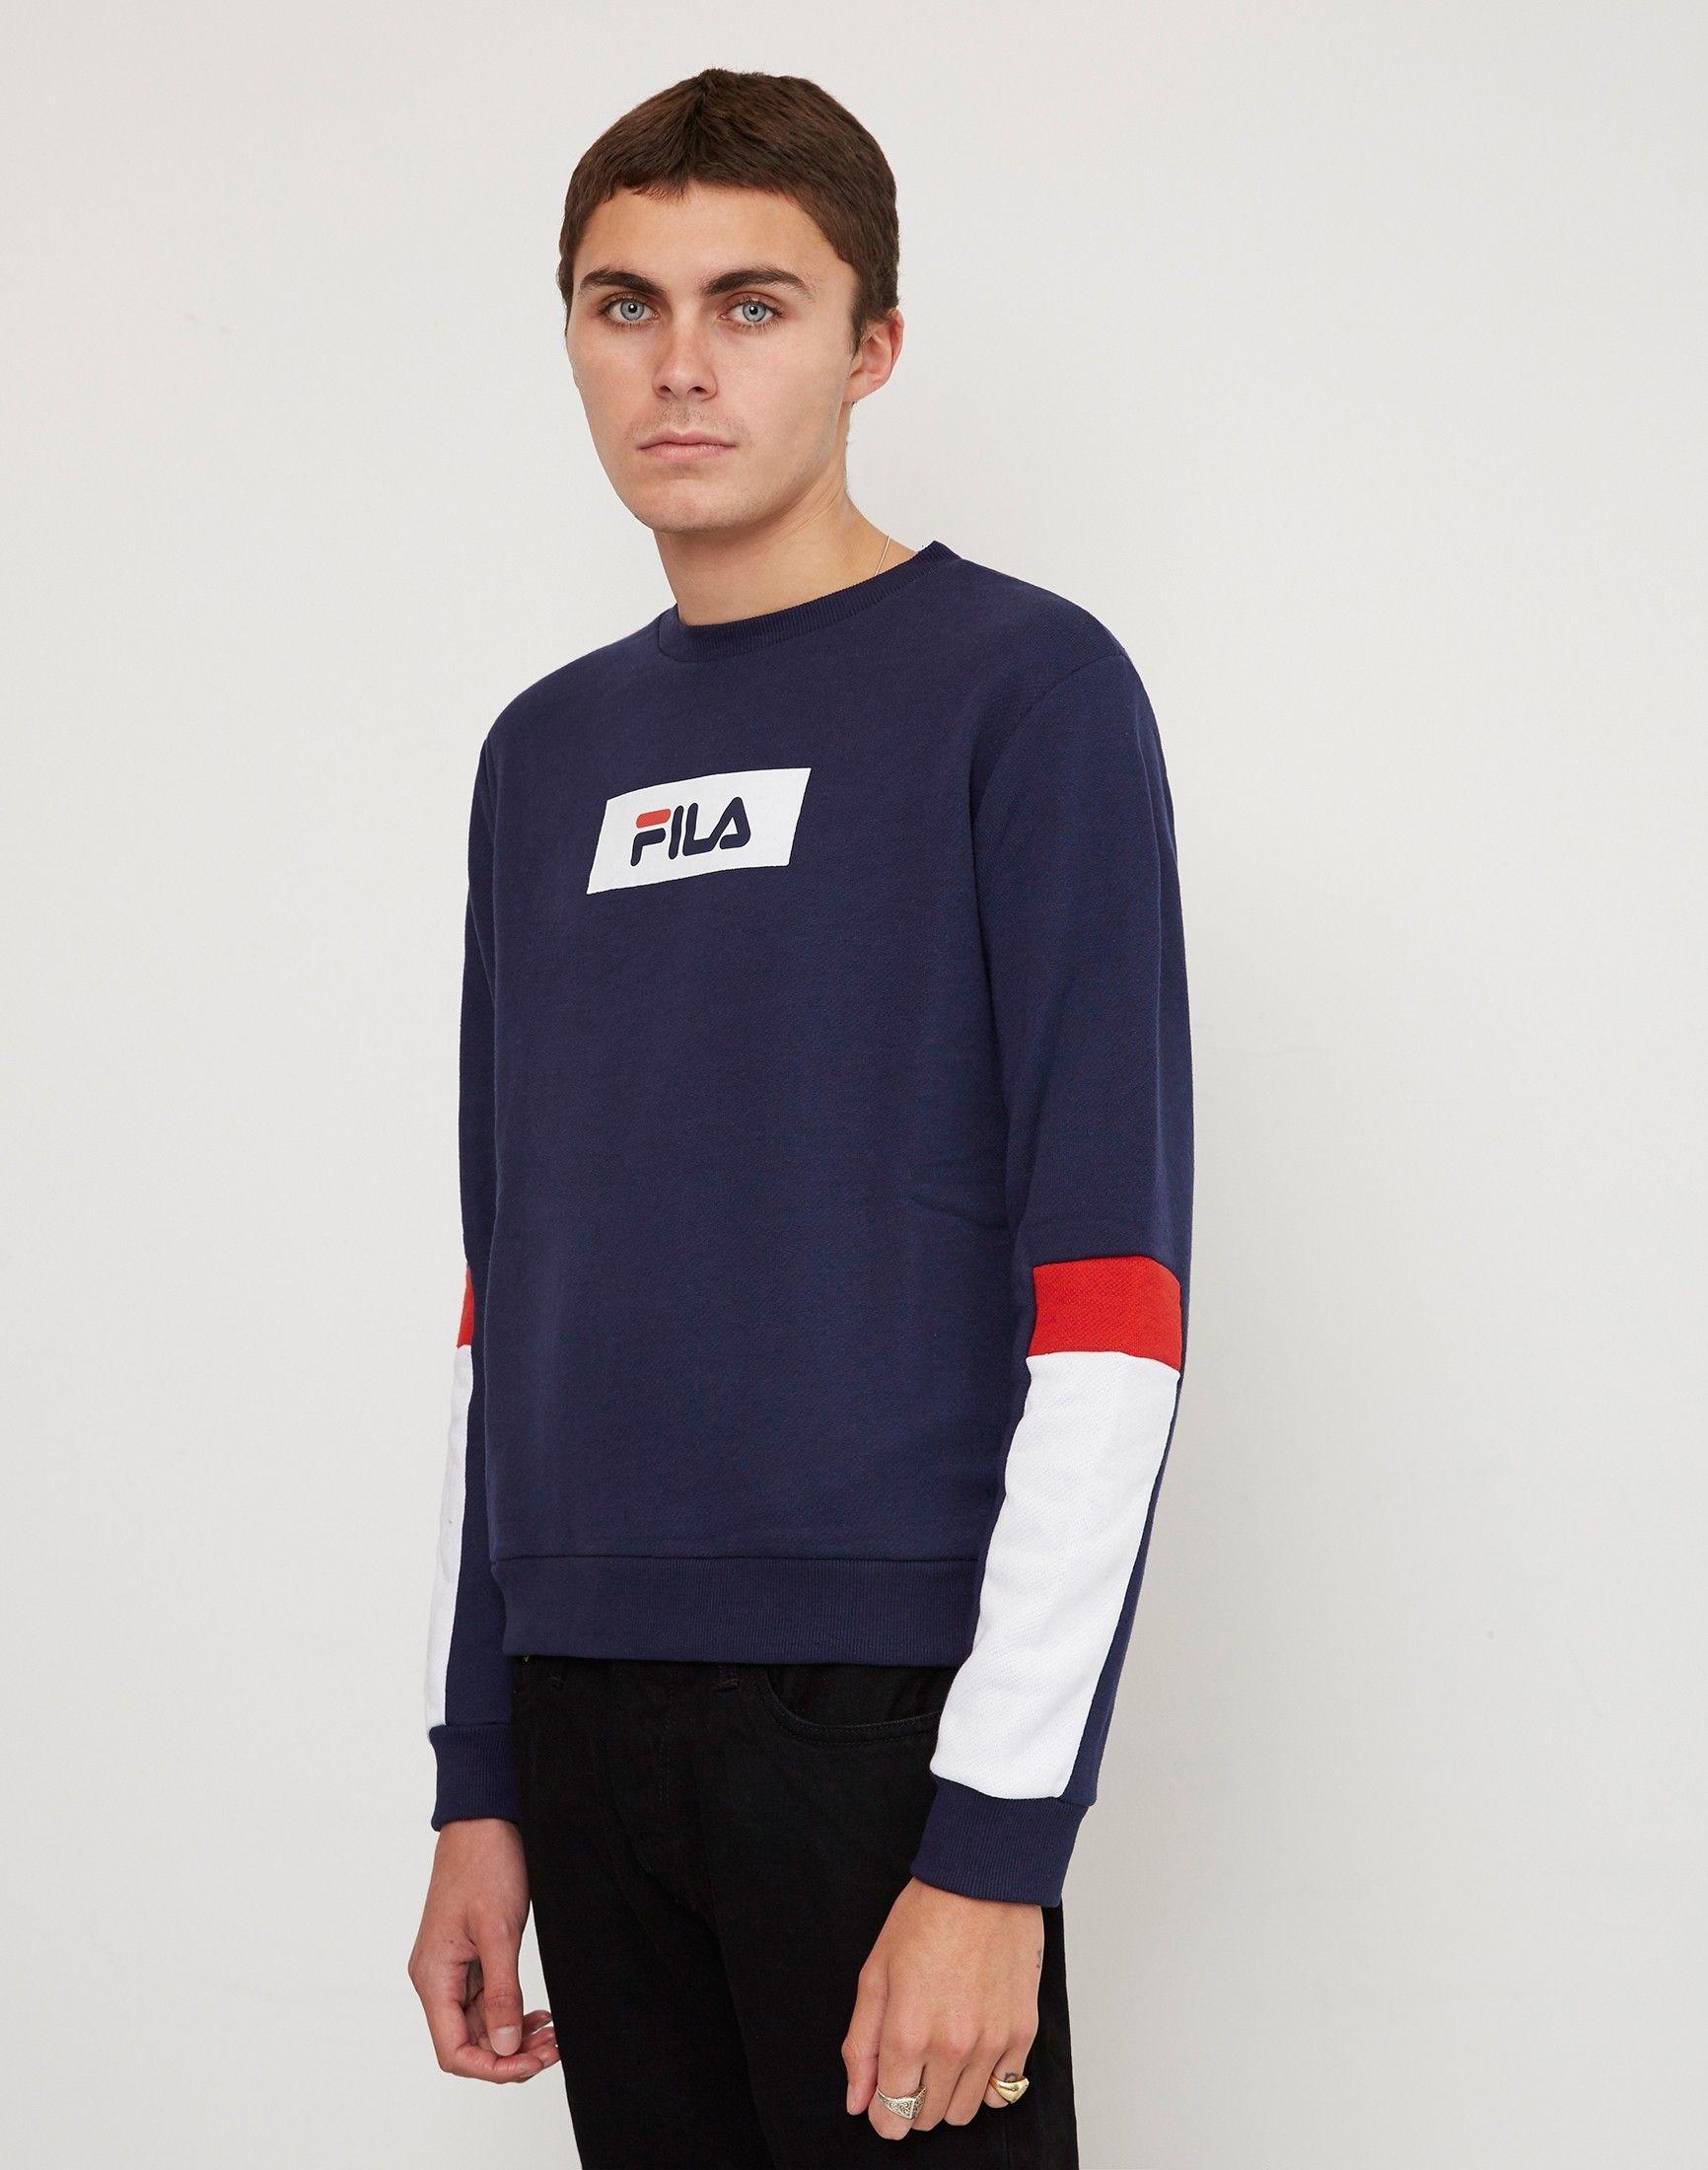 da28ab6fc11a Fila Tommy Fashion Crew Neck Sweatshirt Navy